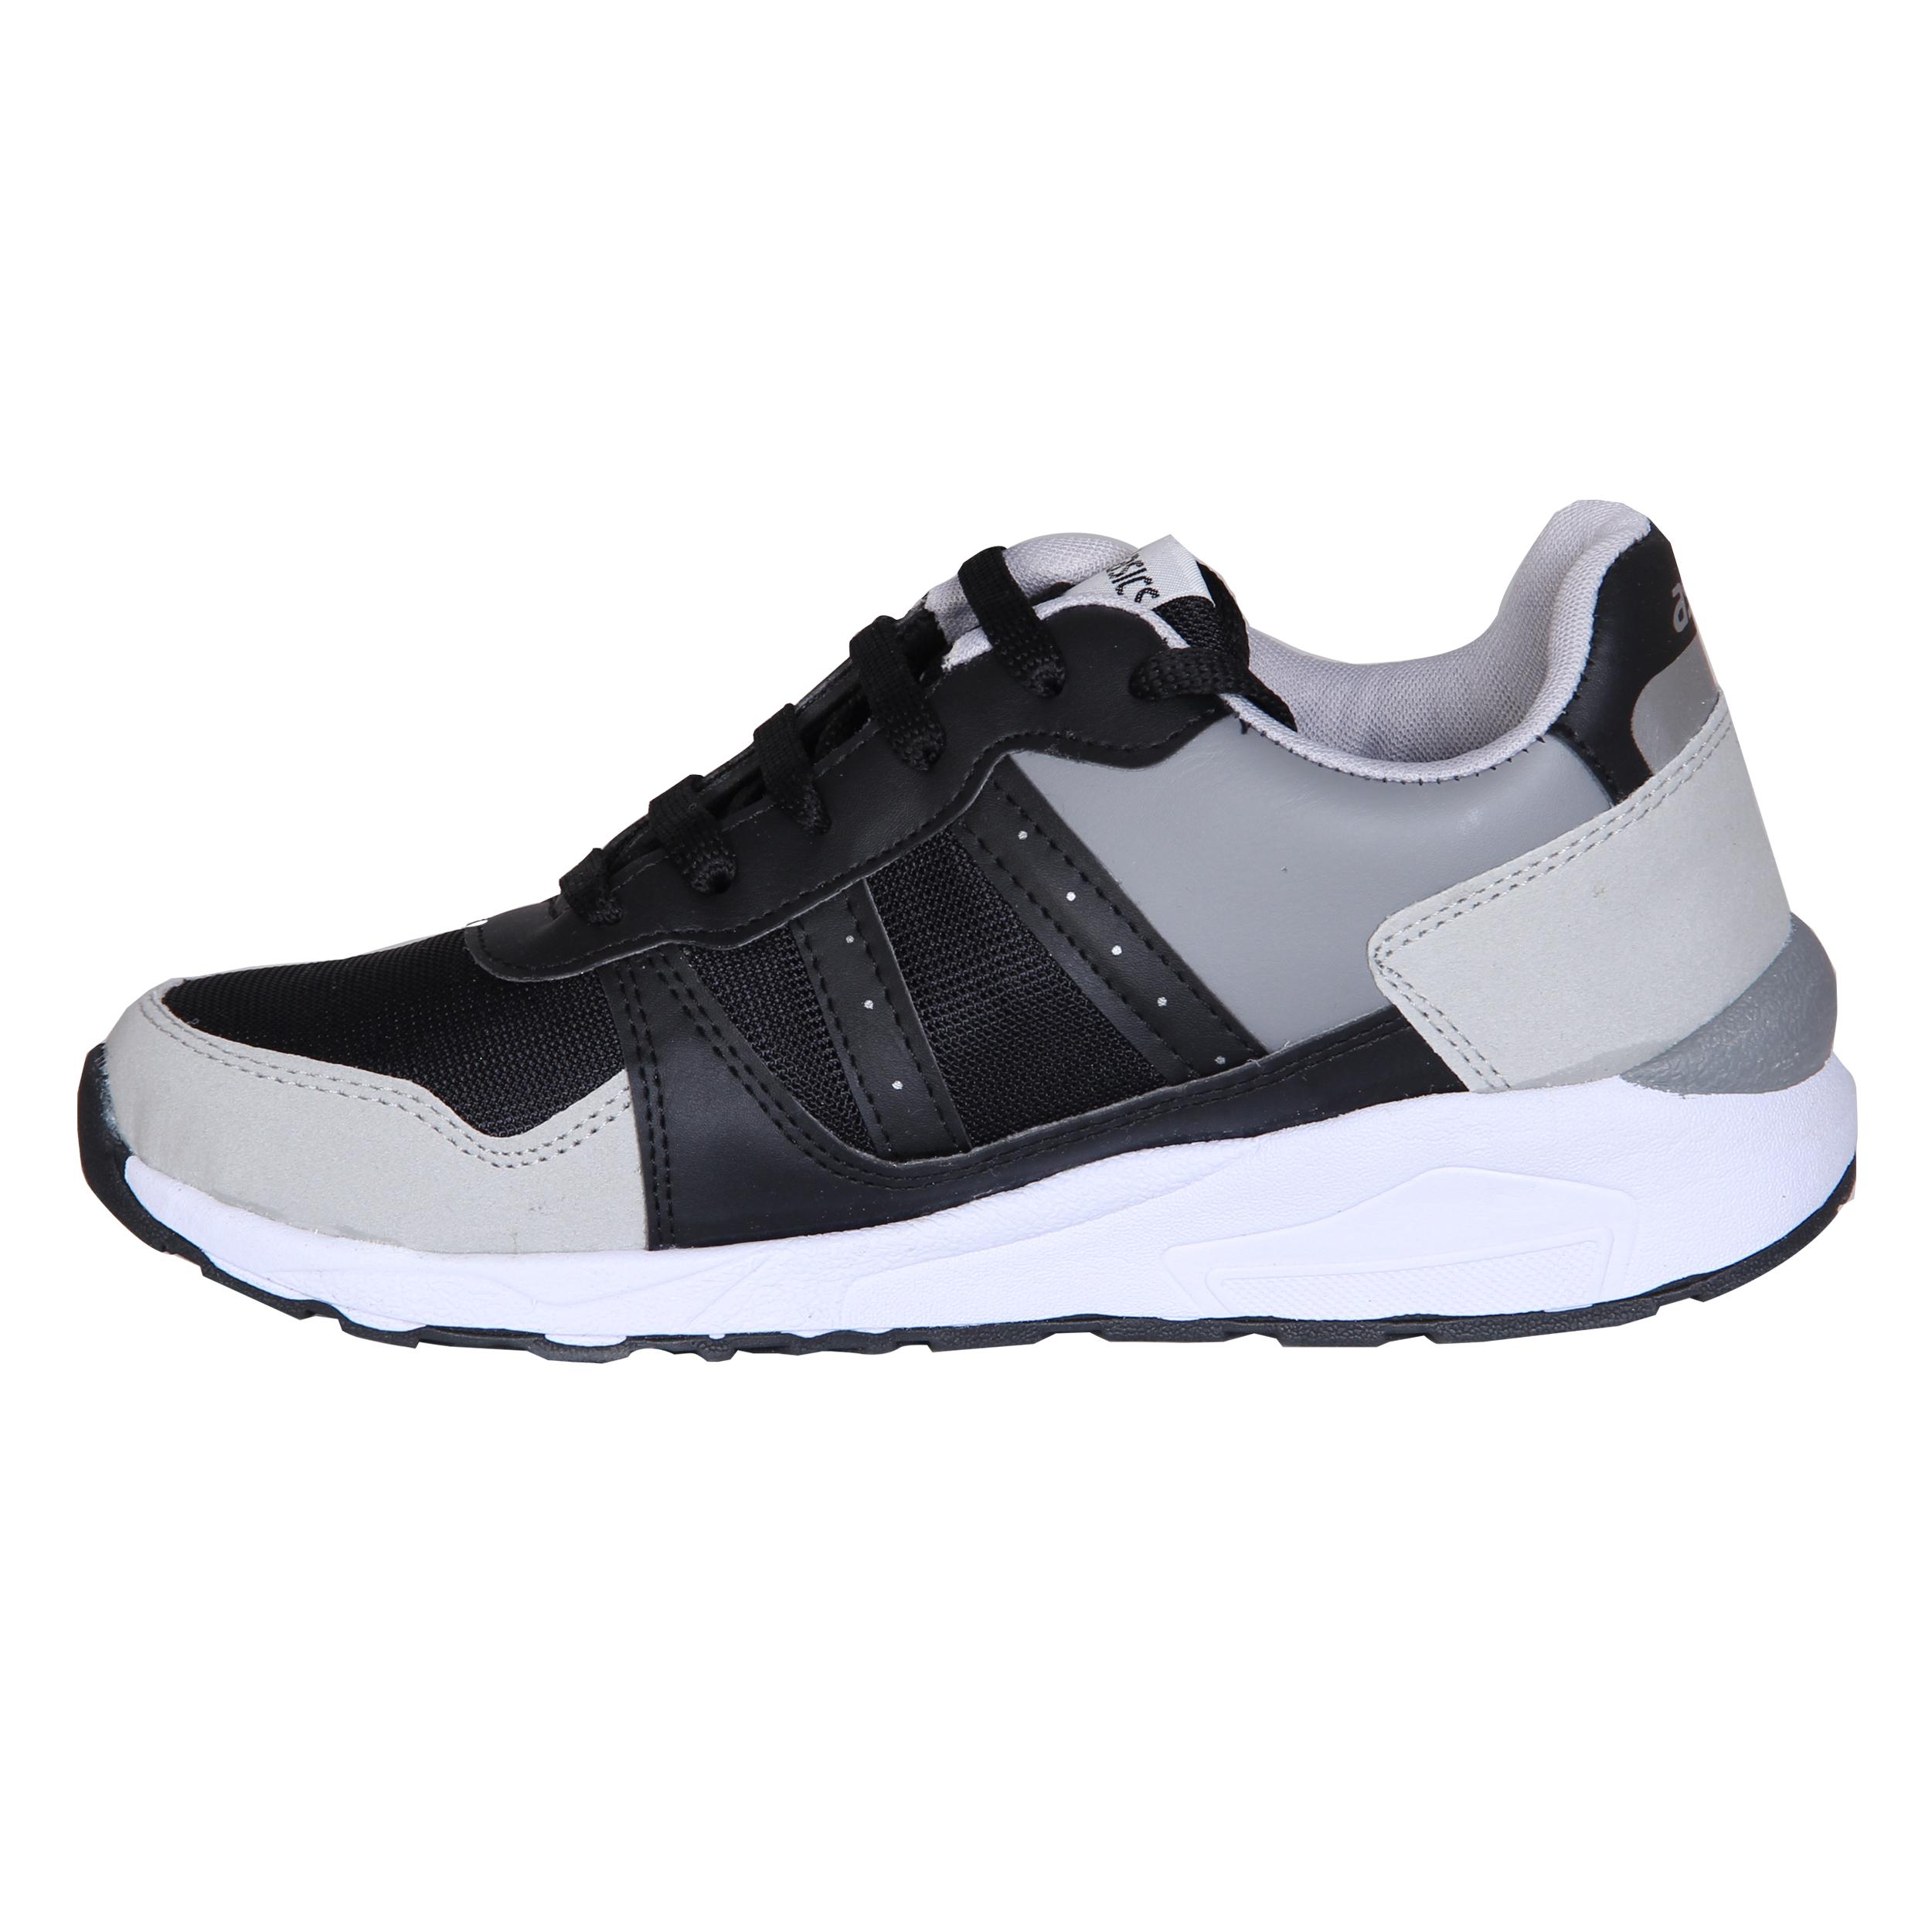 خرید                        کفش مخصوص پیاده روی مردانه کد 1-2399860              👟